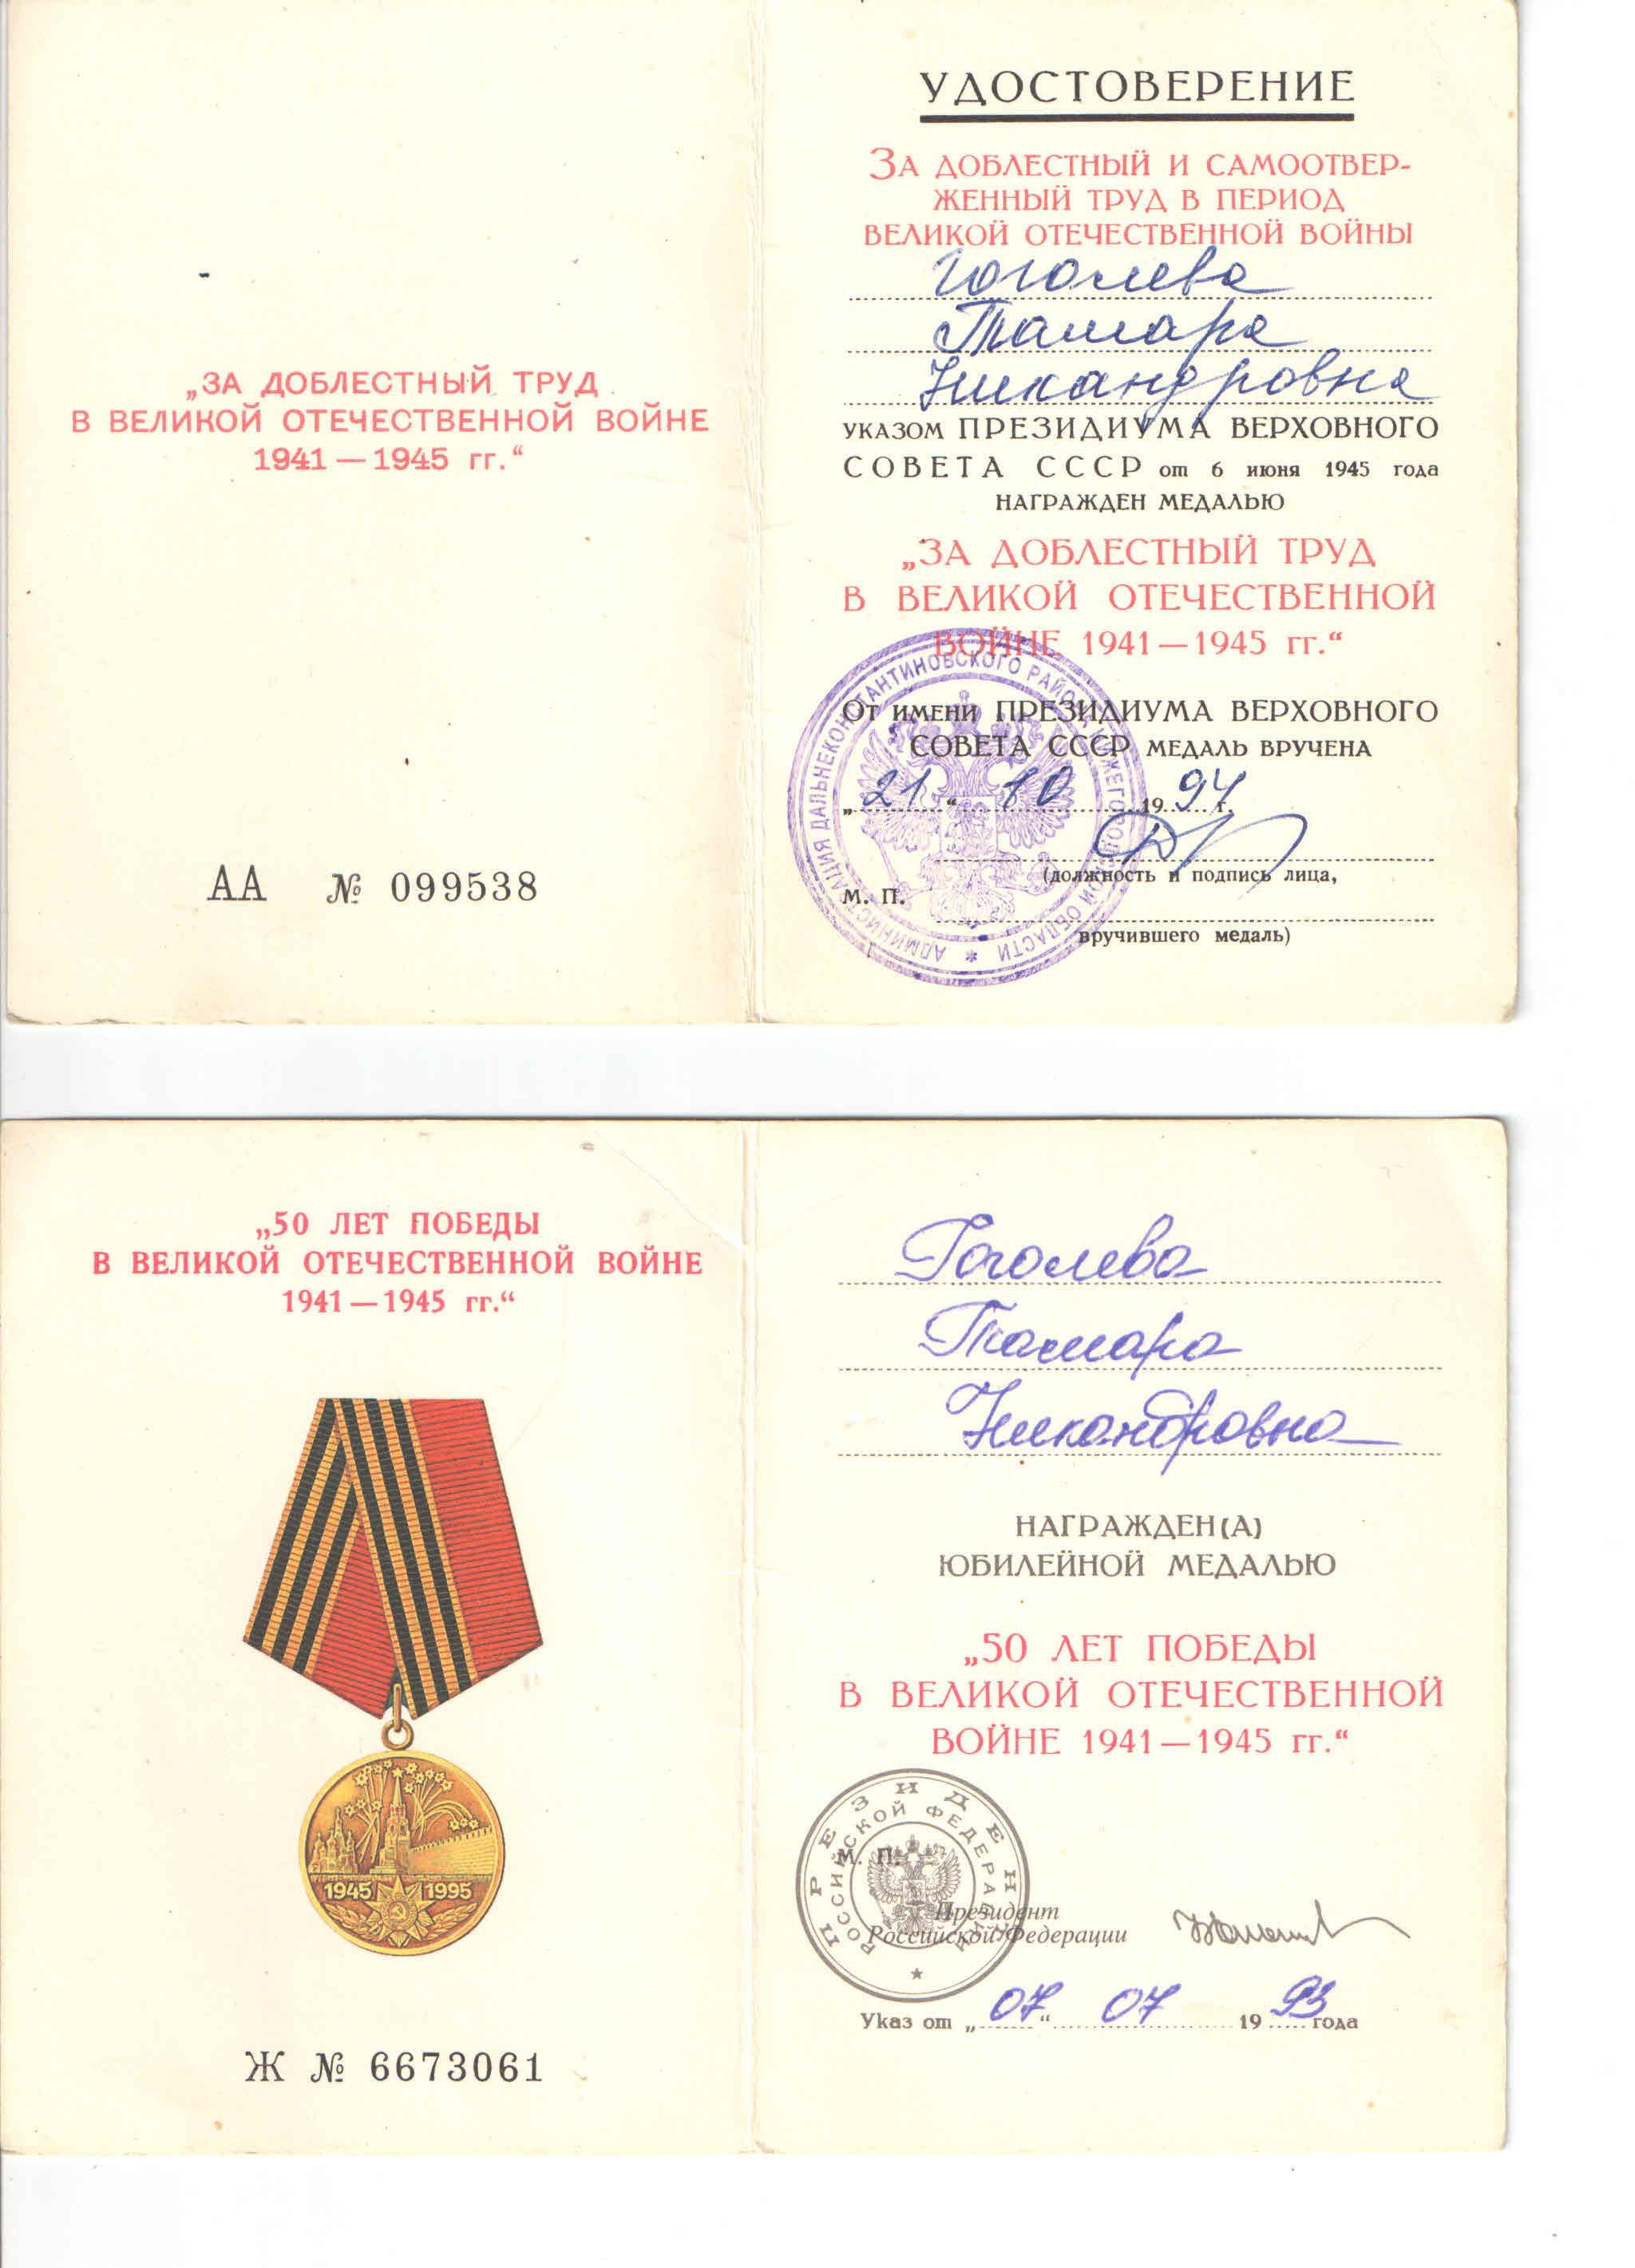 C:\Documents and Settings\Admin\Рабочий стол\Для Гоголевой Лизы\2 удостоверения для Лизы.jpg